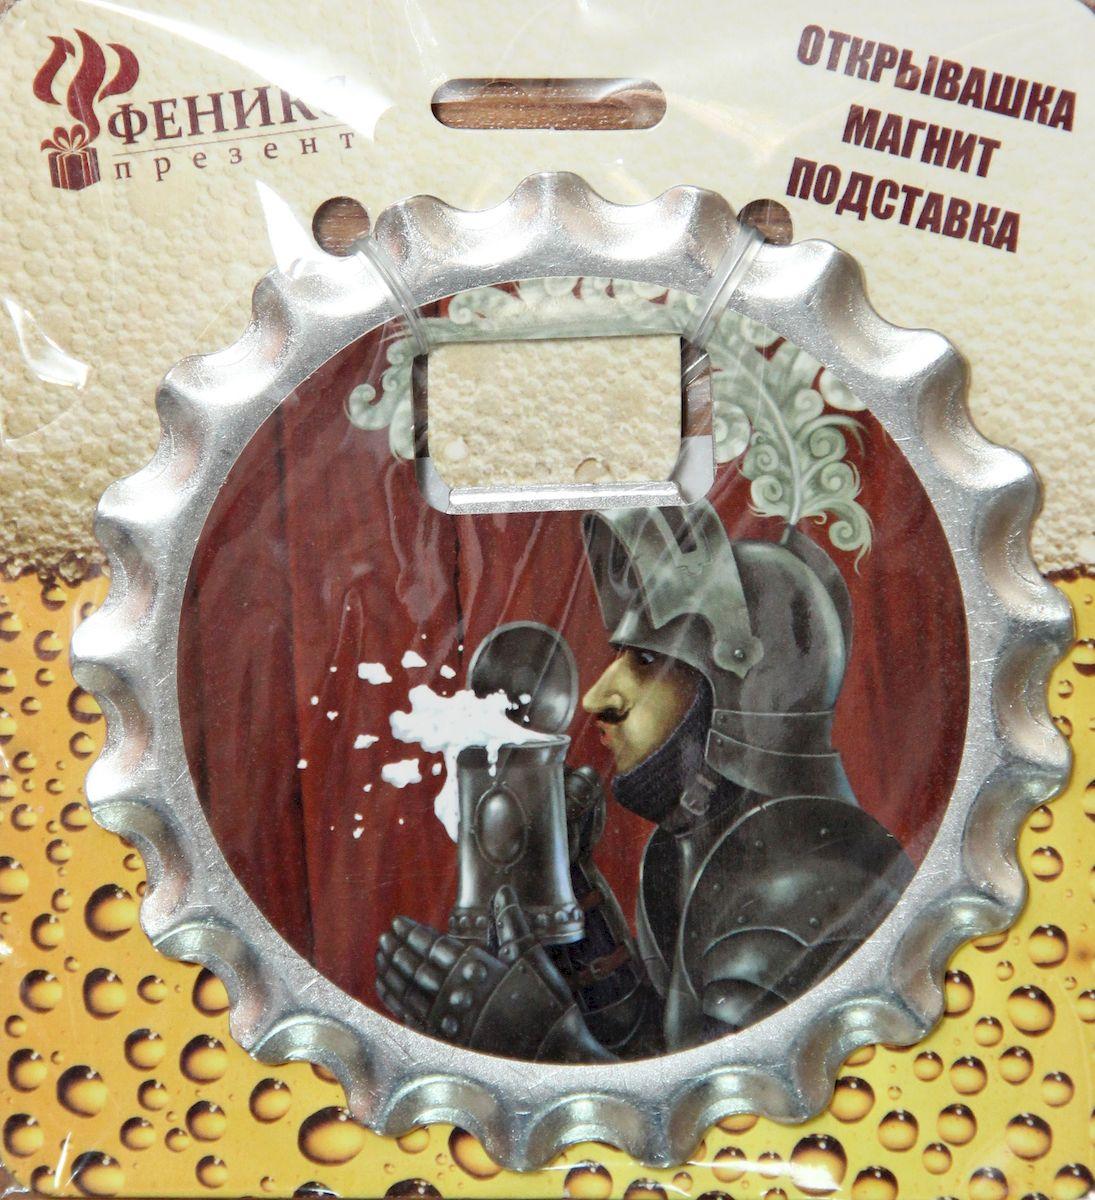 Ключ для открывания бутылок Magic Home Рыцарь с магнитом41218Ключ для открывания бутылок - это полезный и нужный прибор в каждом доме. Он представляет собой подставку под пивной стакан с отверстием для удобного снятия металлических пробок с бутылок. Лицевая сторона украшена оригинальным изображением, а на оборотной стороне закреплены магнит и три пробковые вставки для защиты поверхности стола от повреждений. Изделие выполнено из оцинкованного металла.